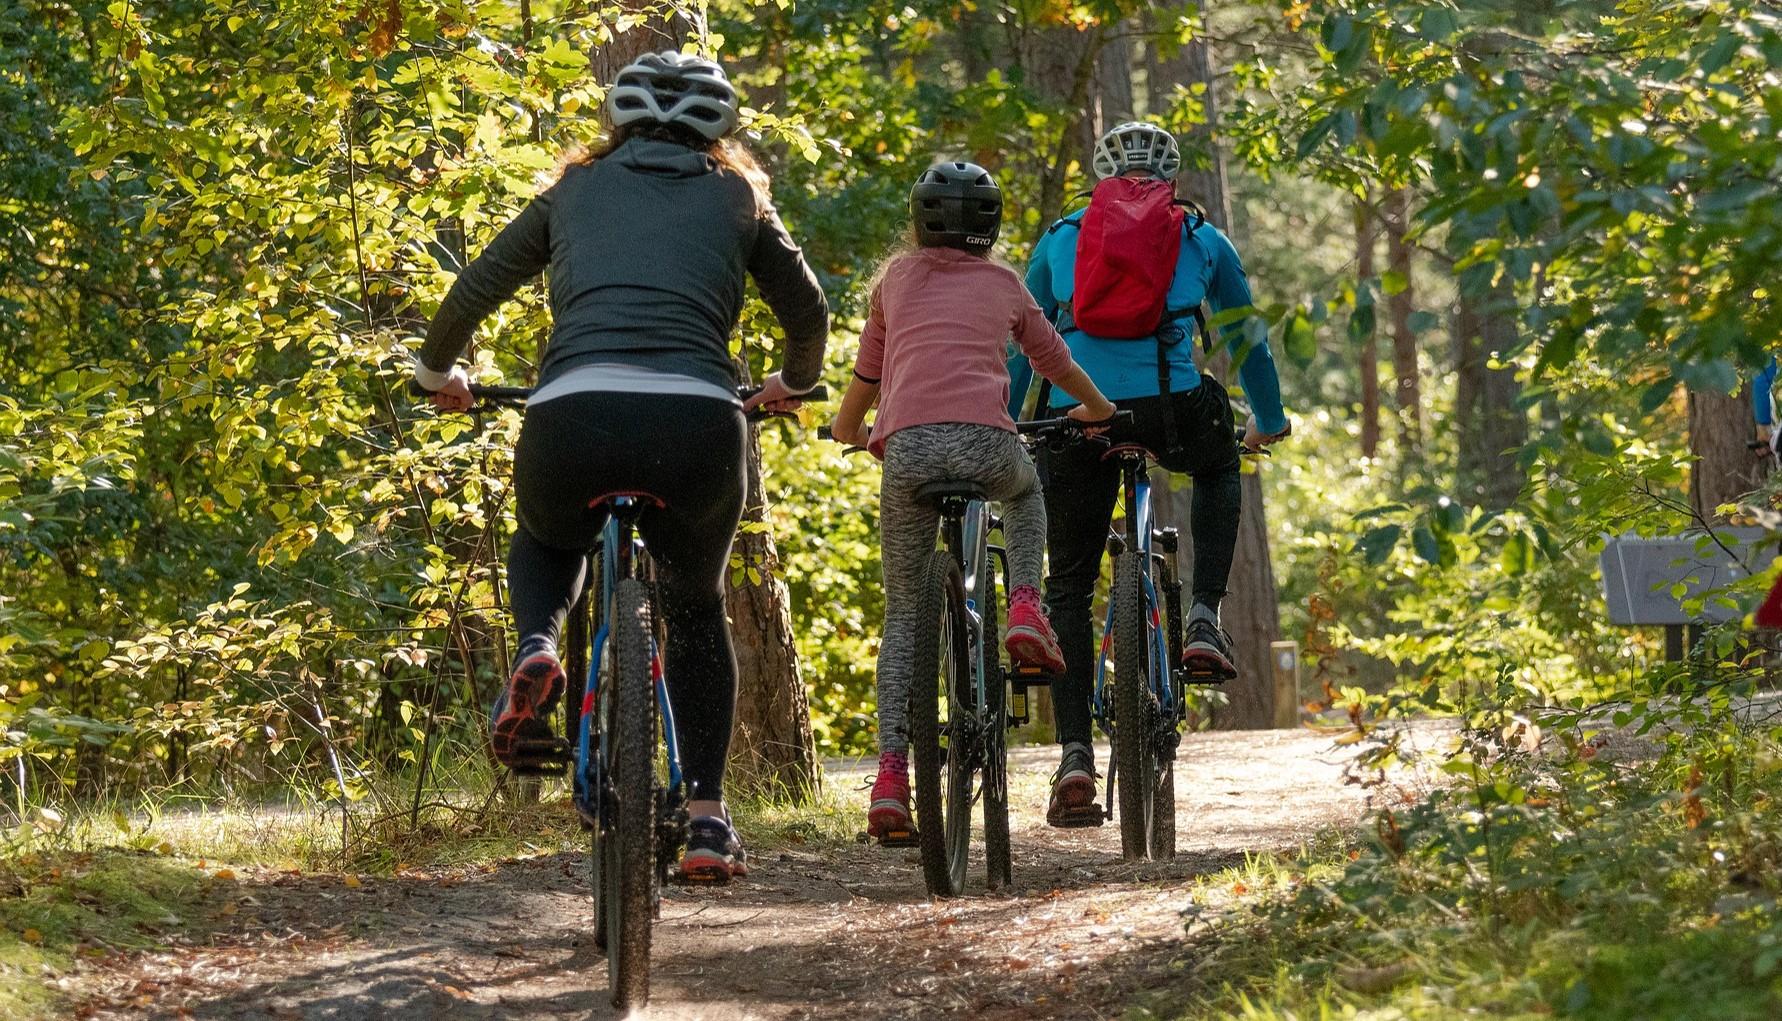 kolme pyöräilijää syksyisellä metsätiellä